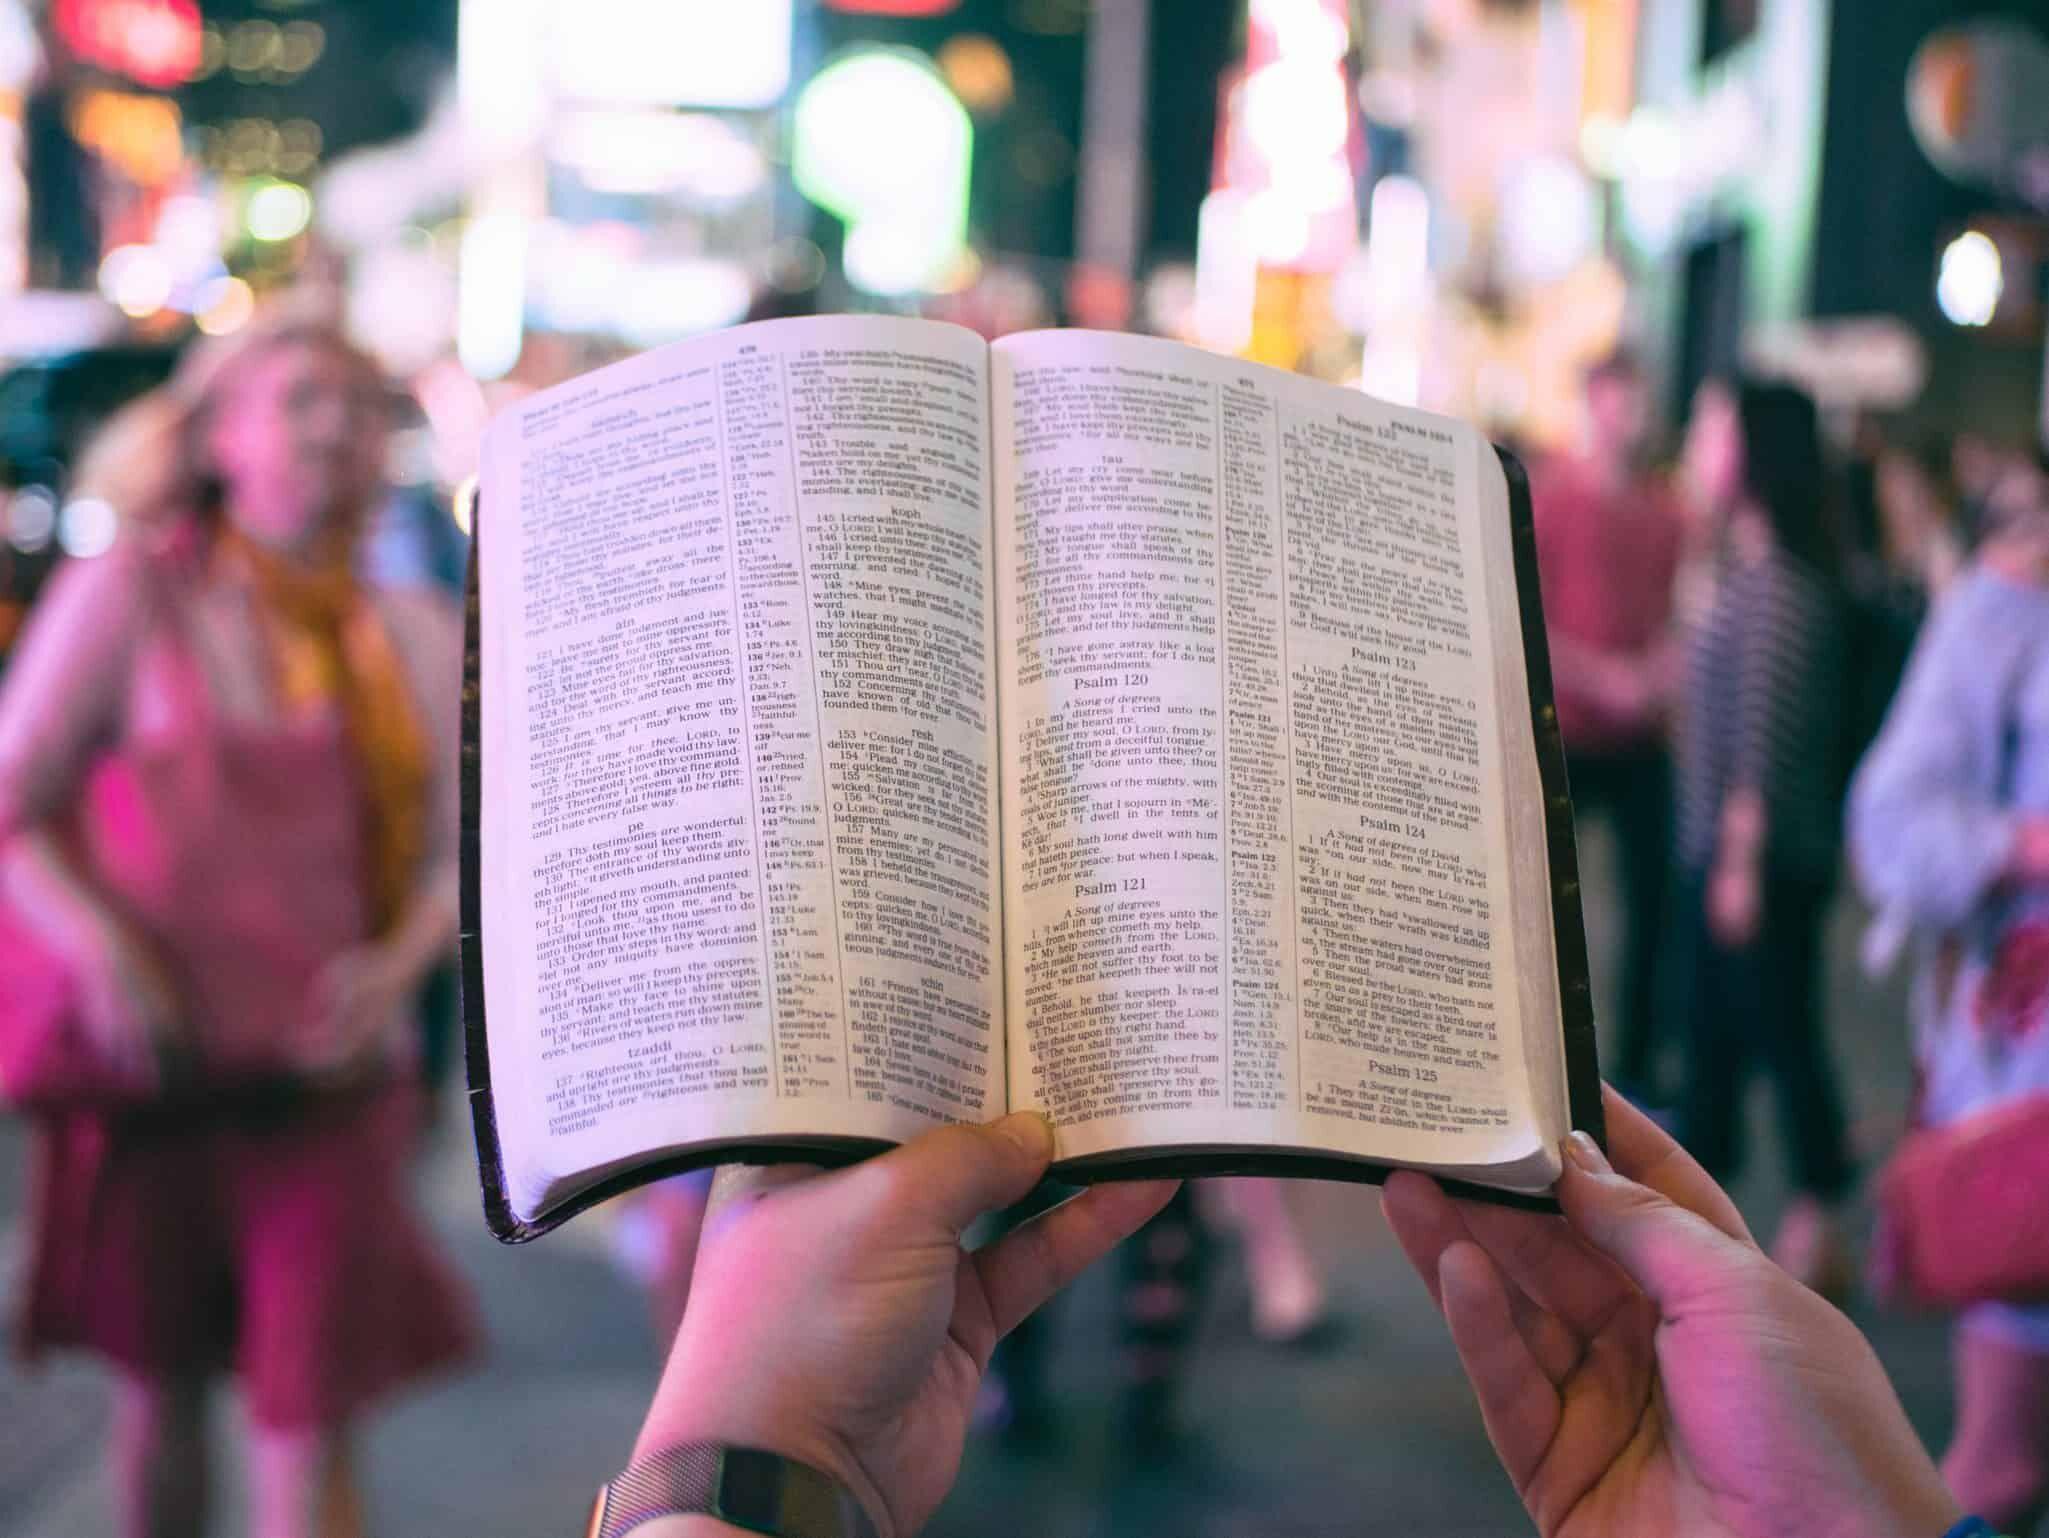 zachem-chitat-bibliyu